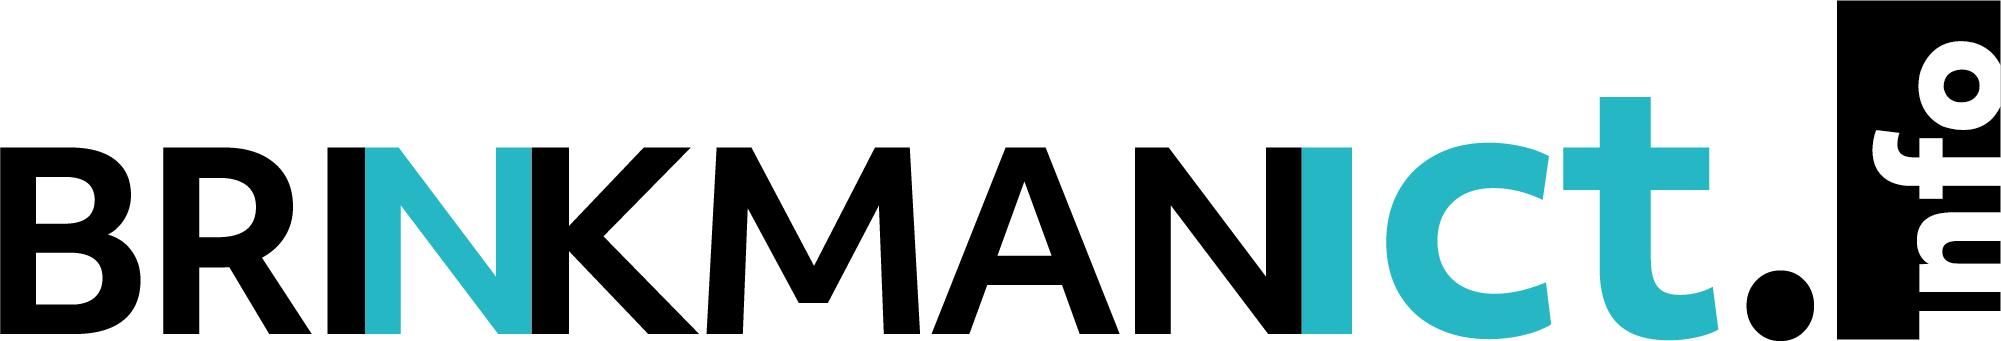 brinkman-ict.info